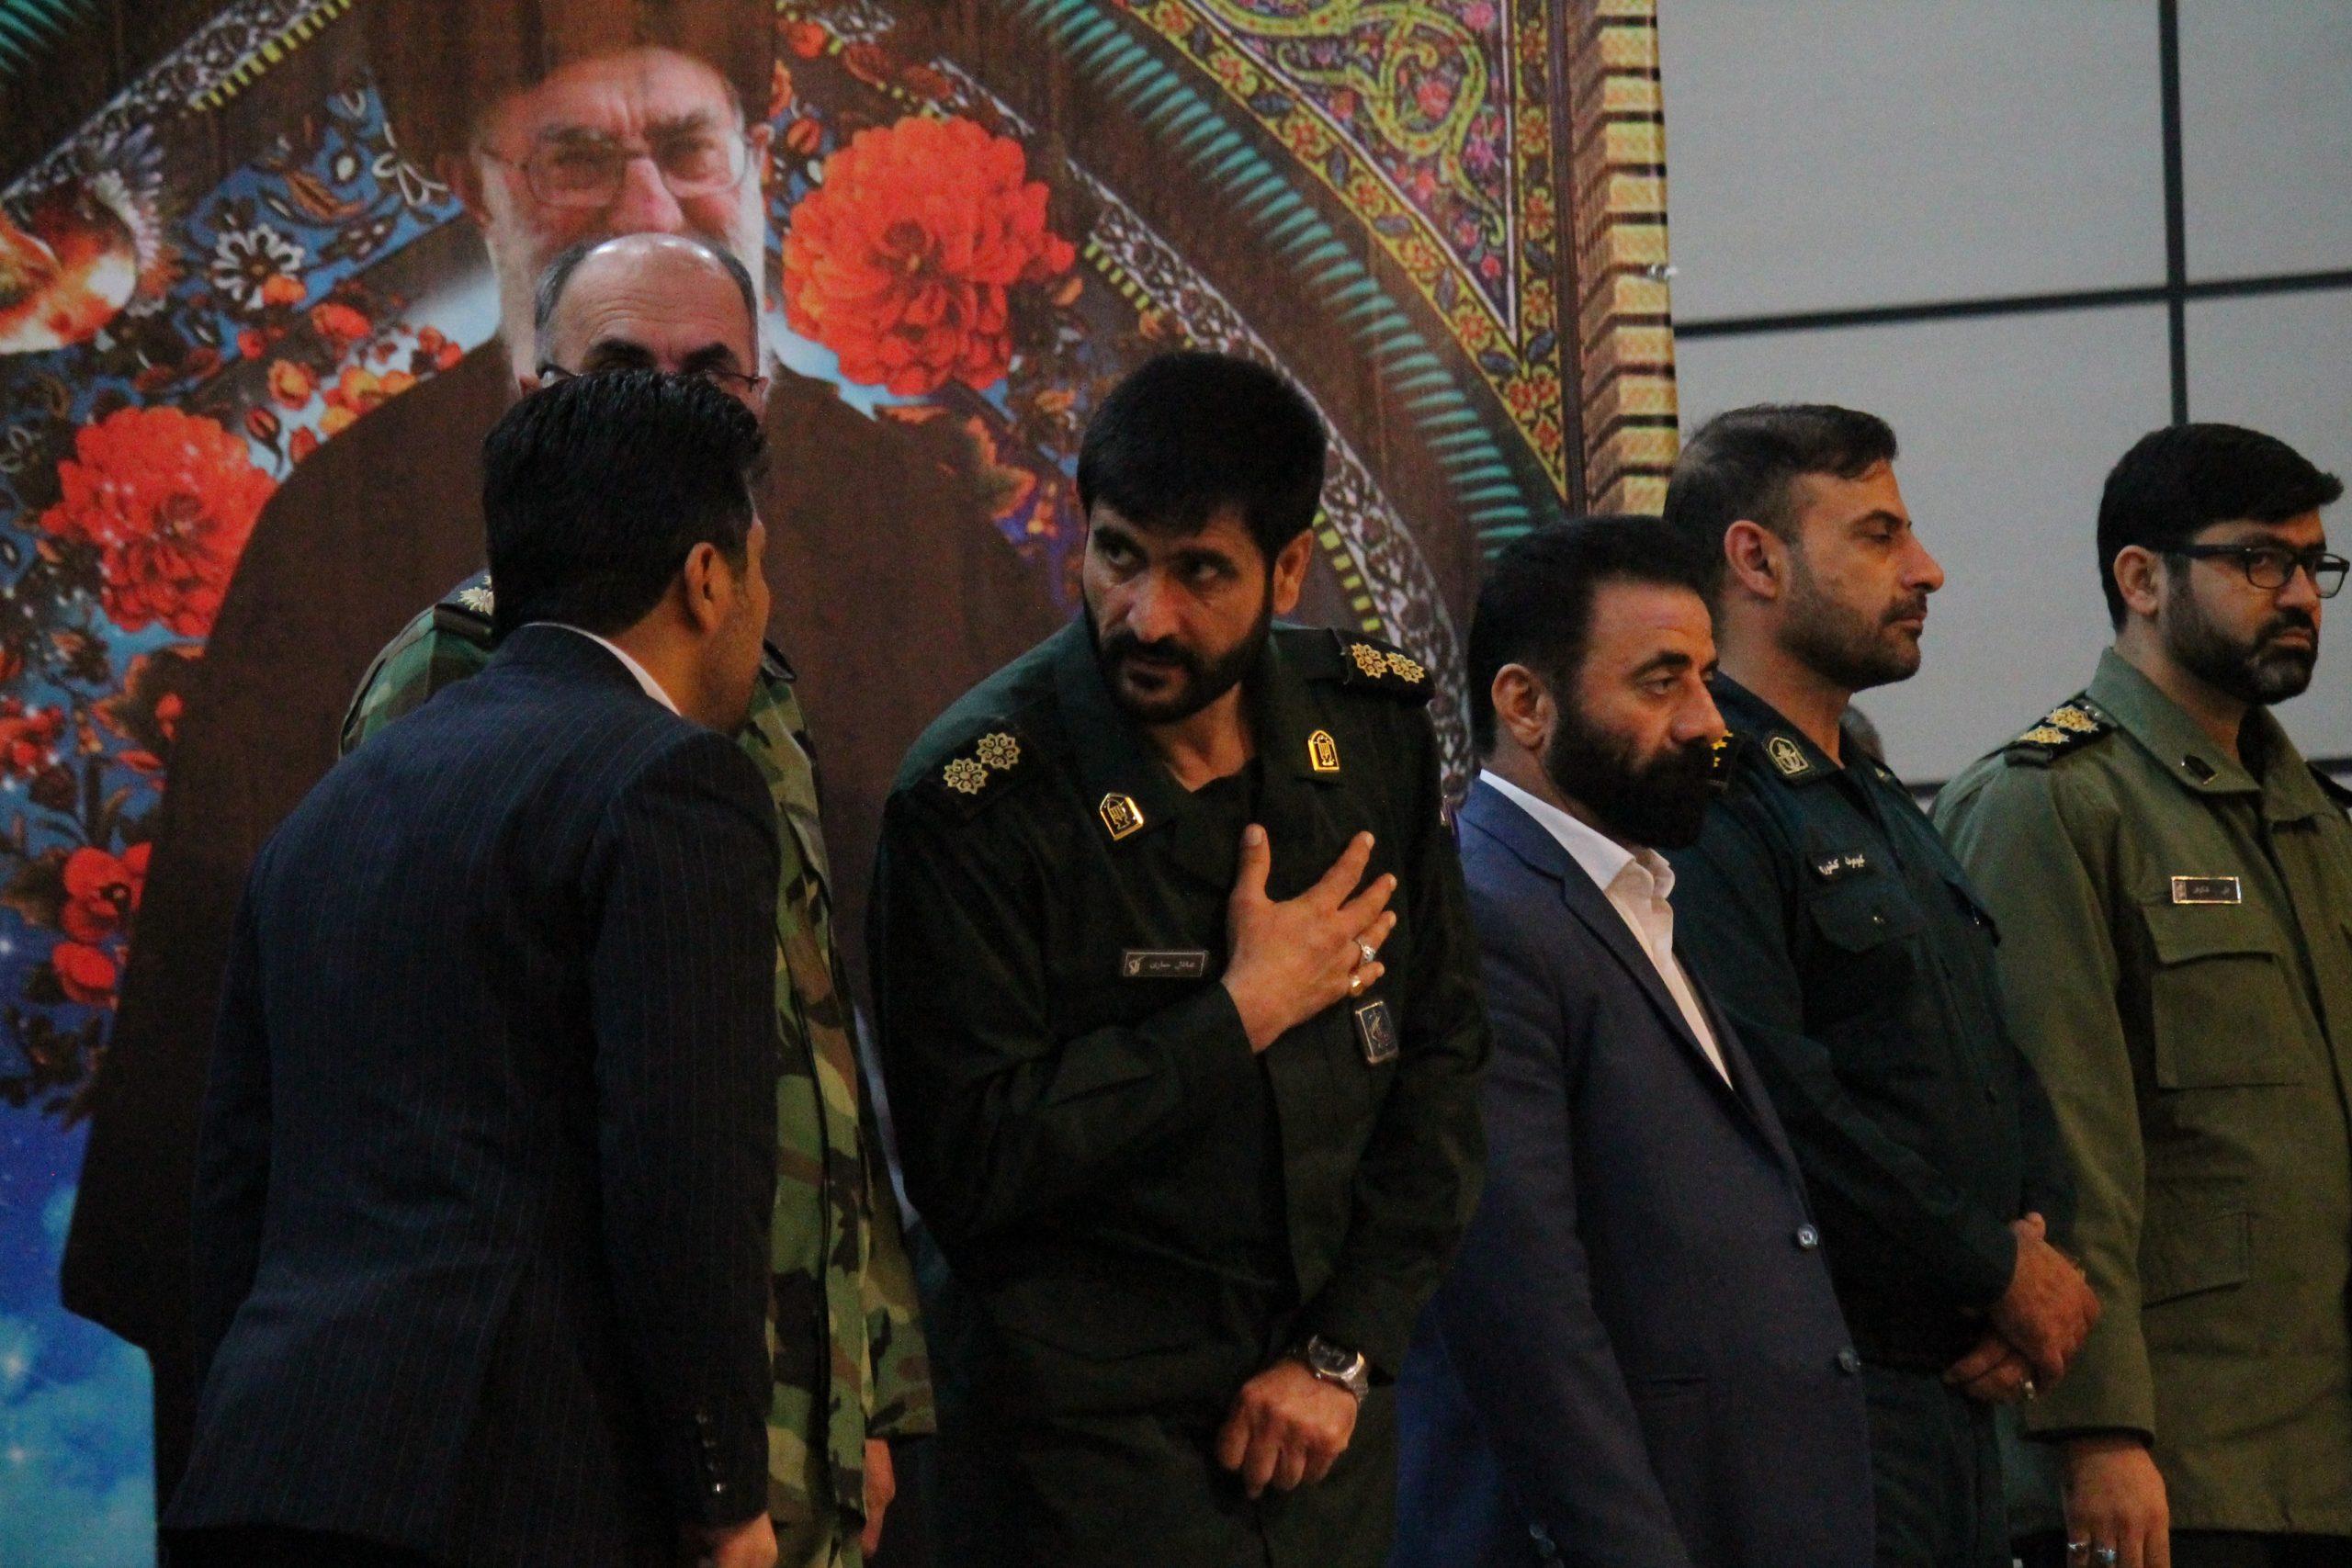 تجلیل از برترینهای سپاه در جشنواره مالک اشتر اهواز